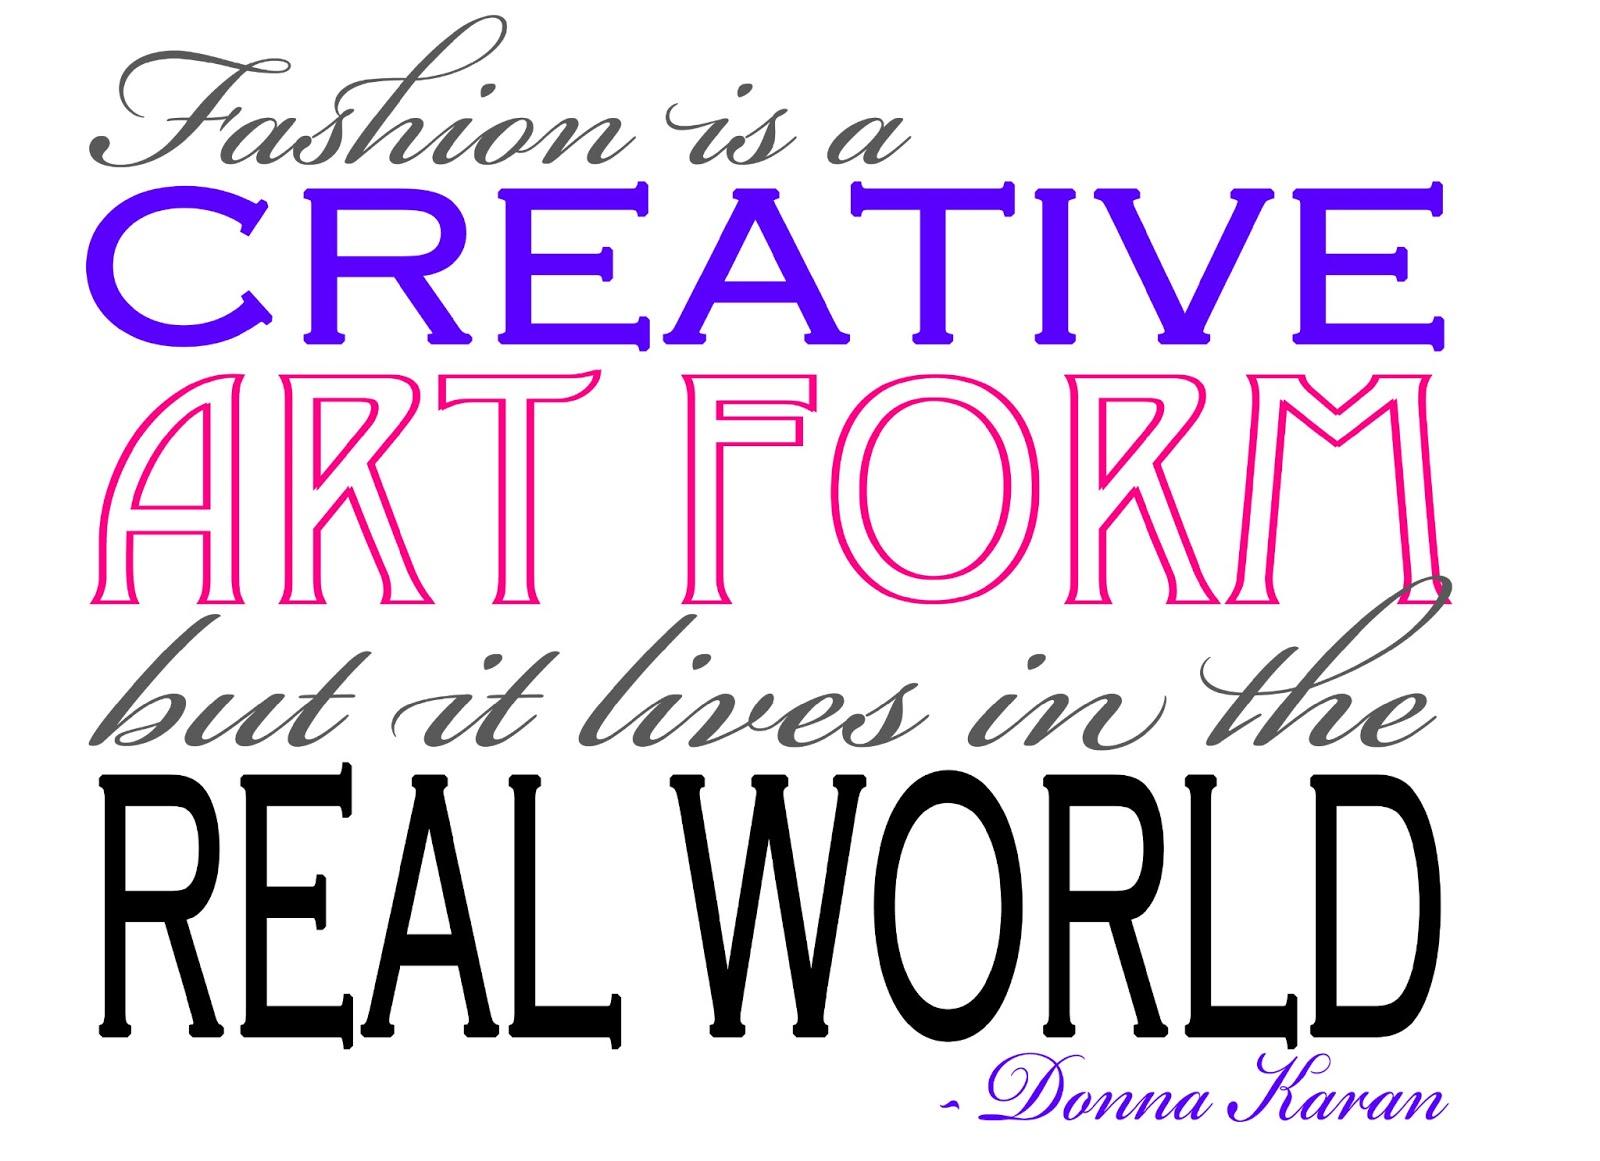 Donna Karan's quote